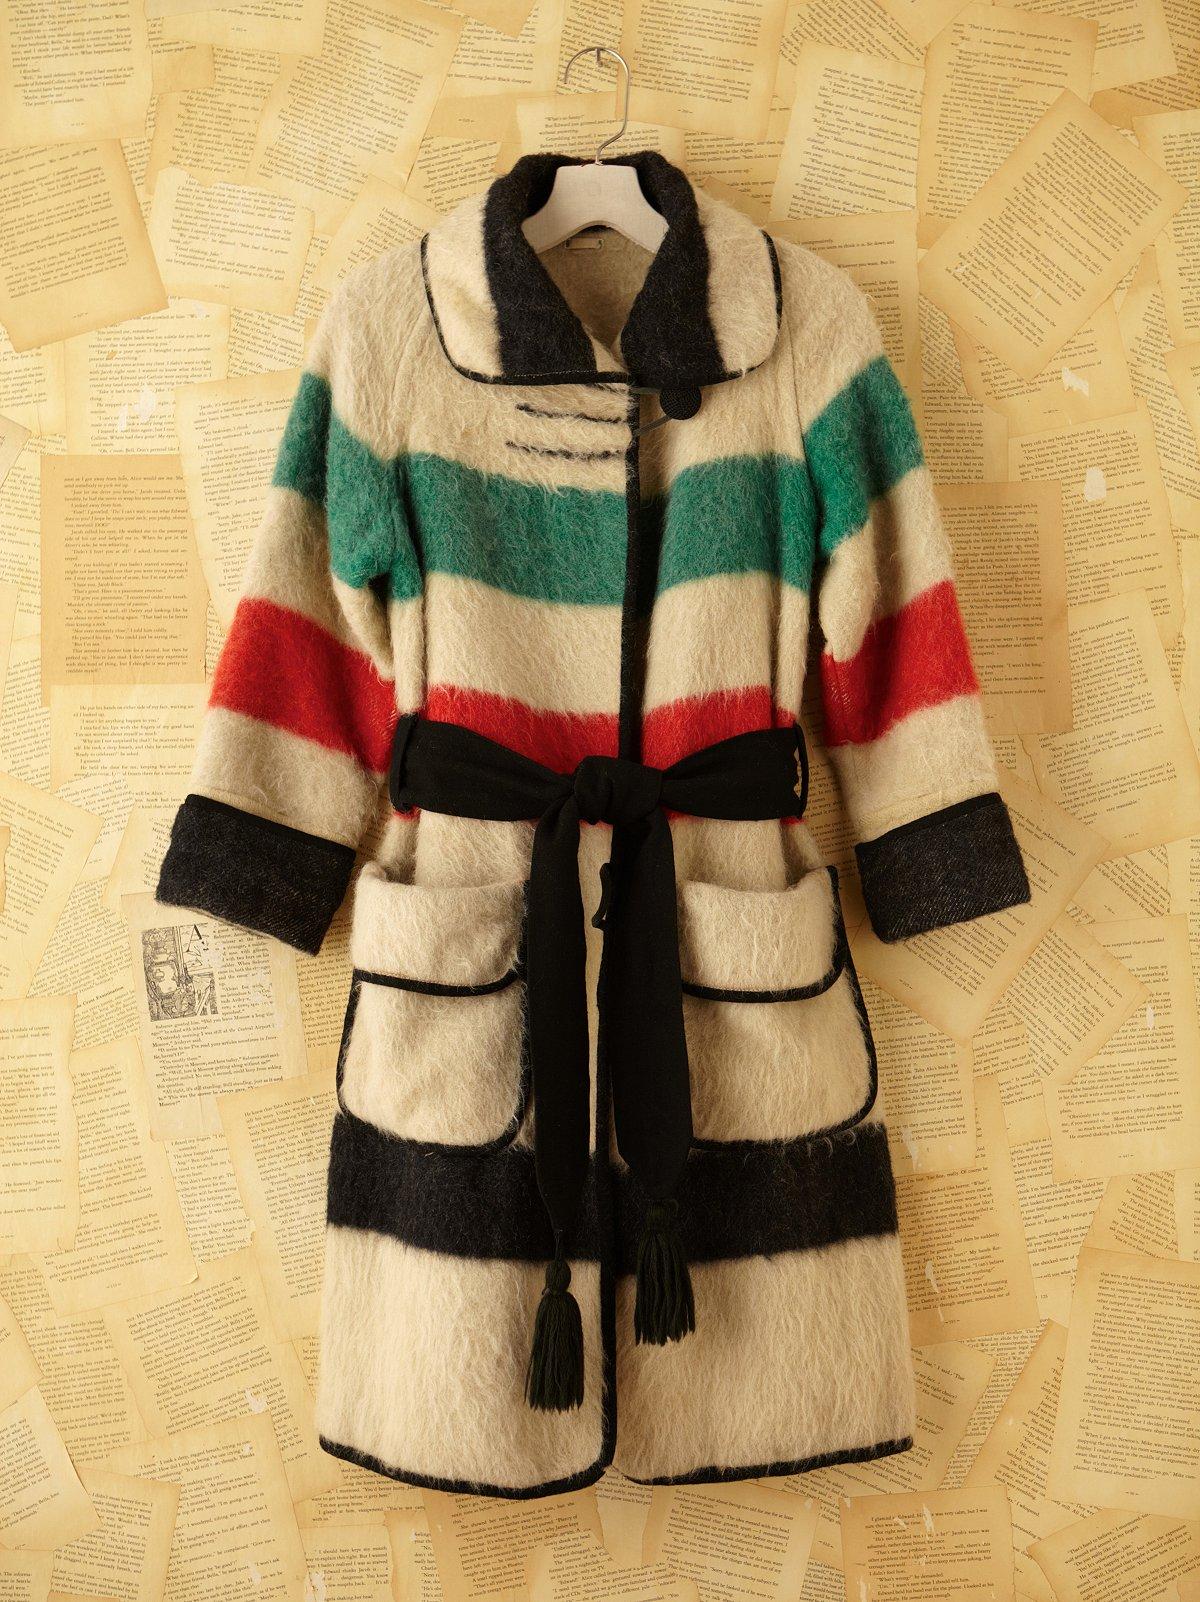 Vintage 1930s Jacket